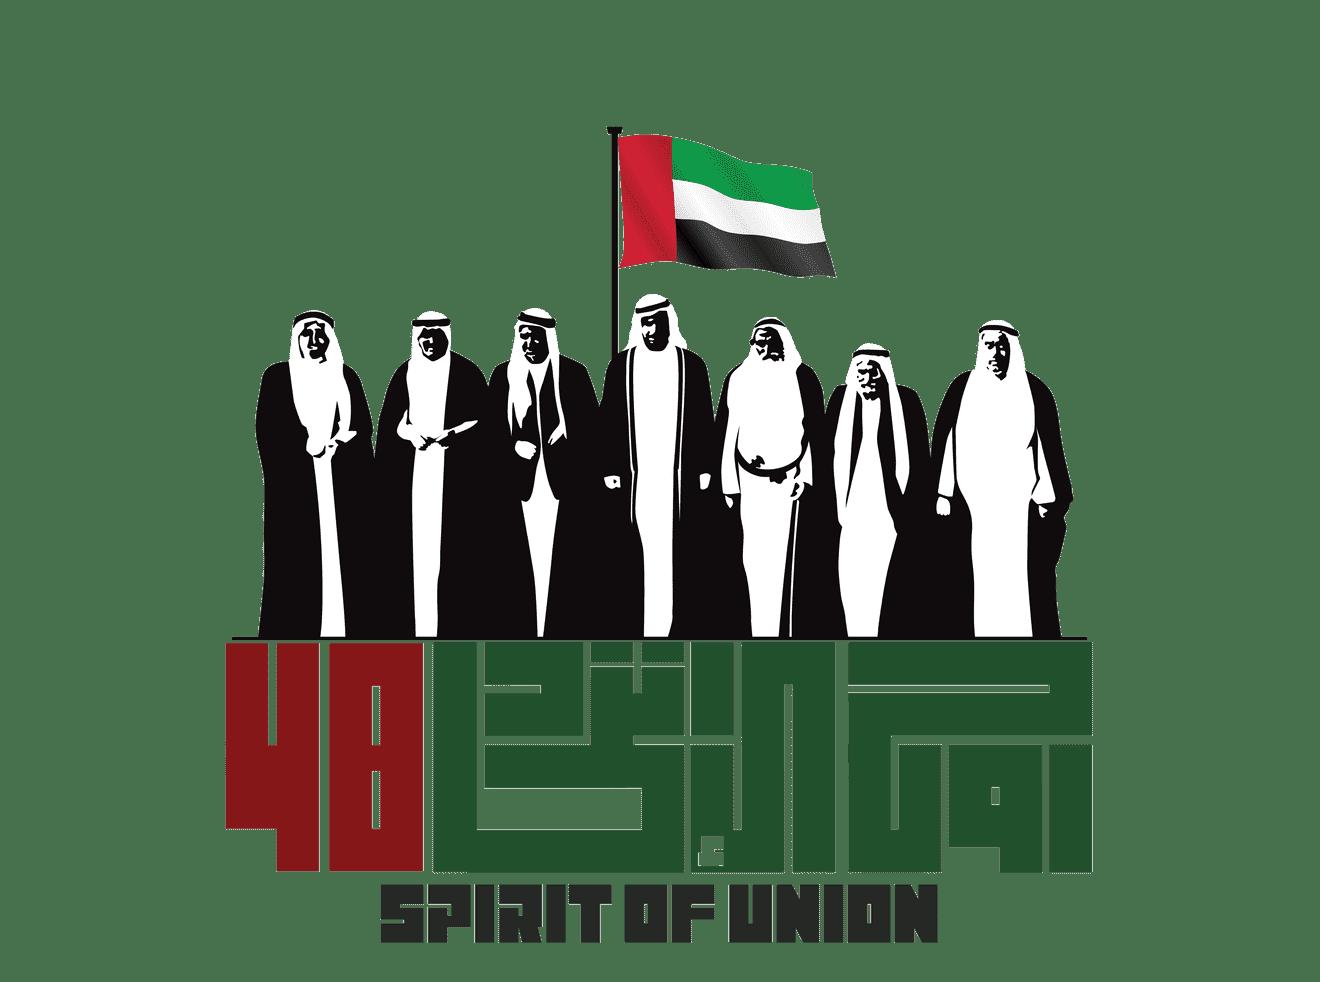 شعار عطلة ضع علامة تصميم لوحة عن اليوم احتفال الوطني الاماراتي Myfirstdirectorship Com